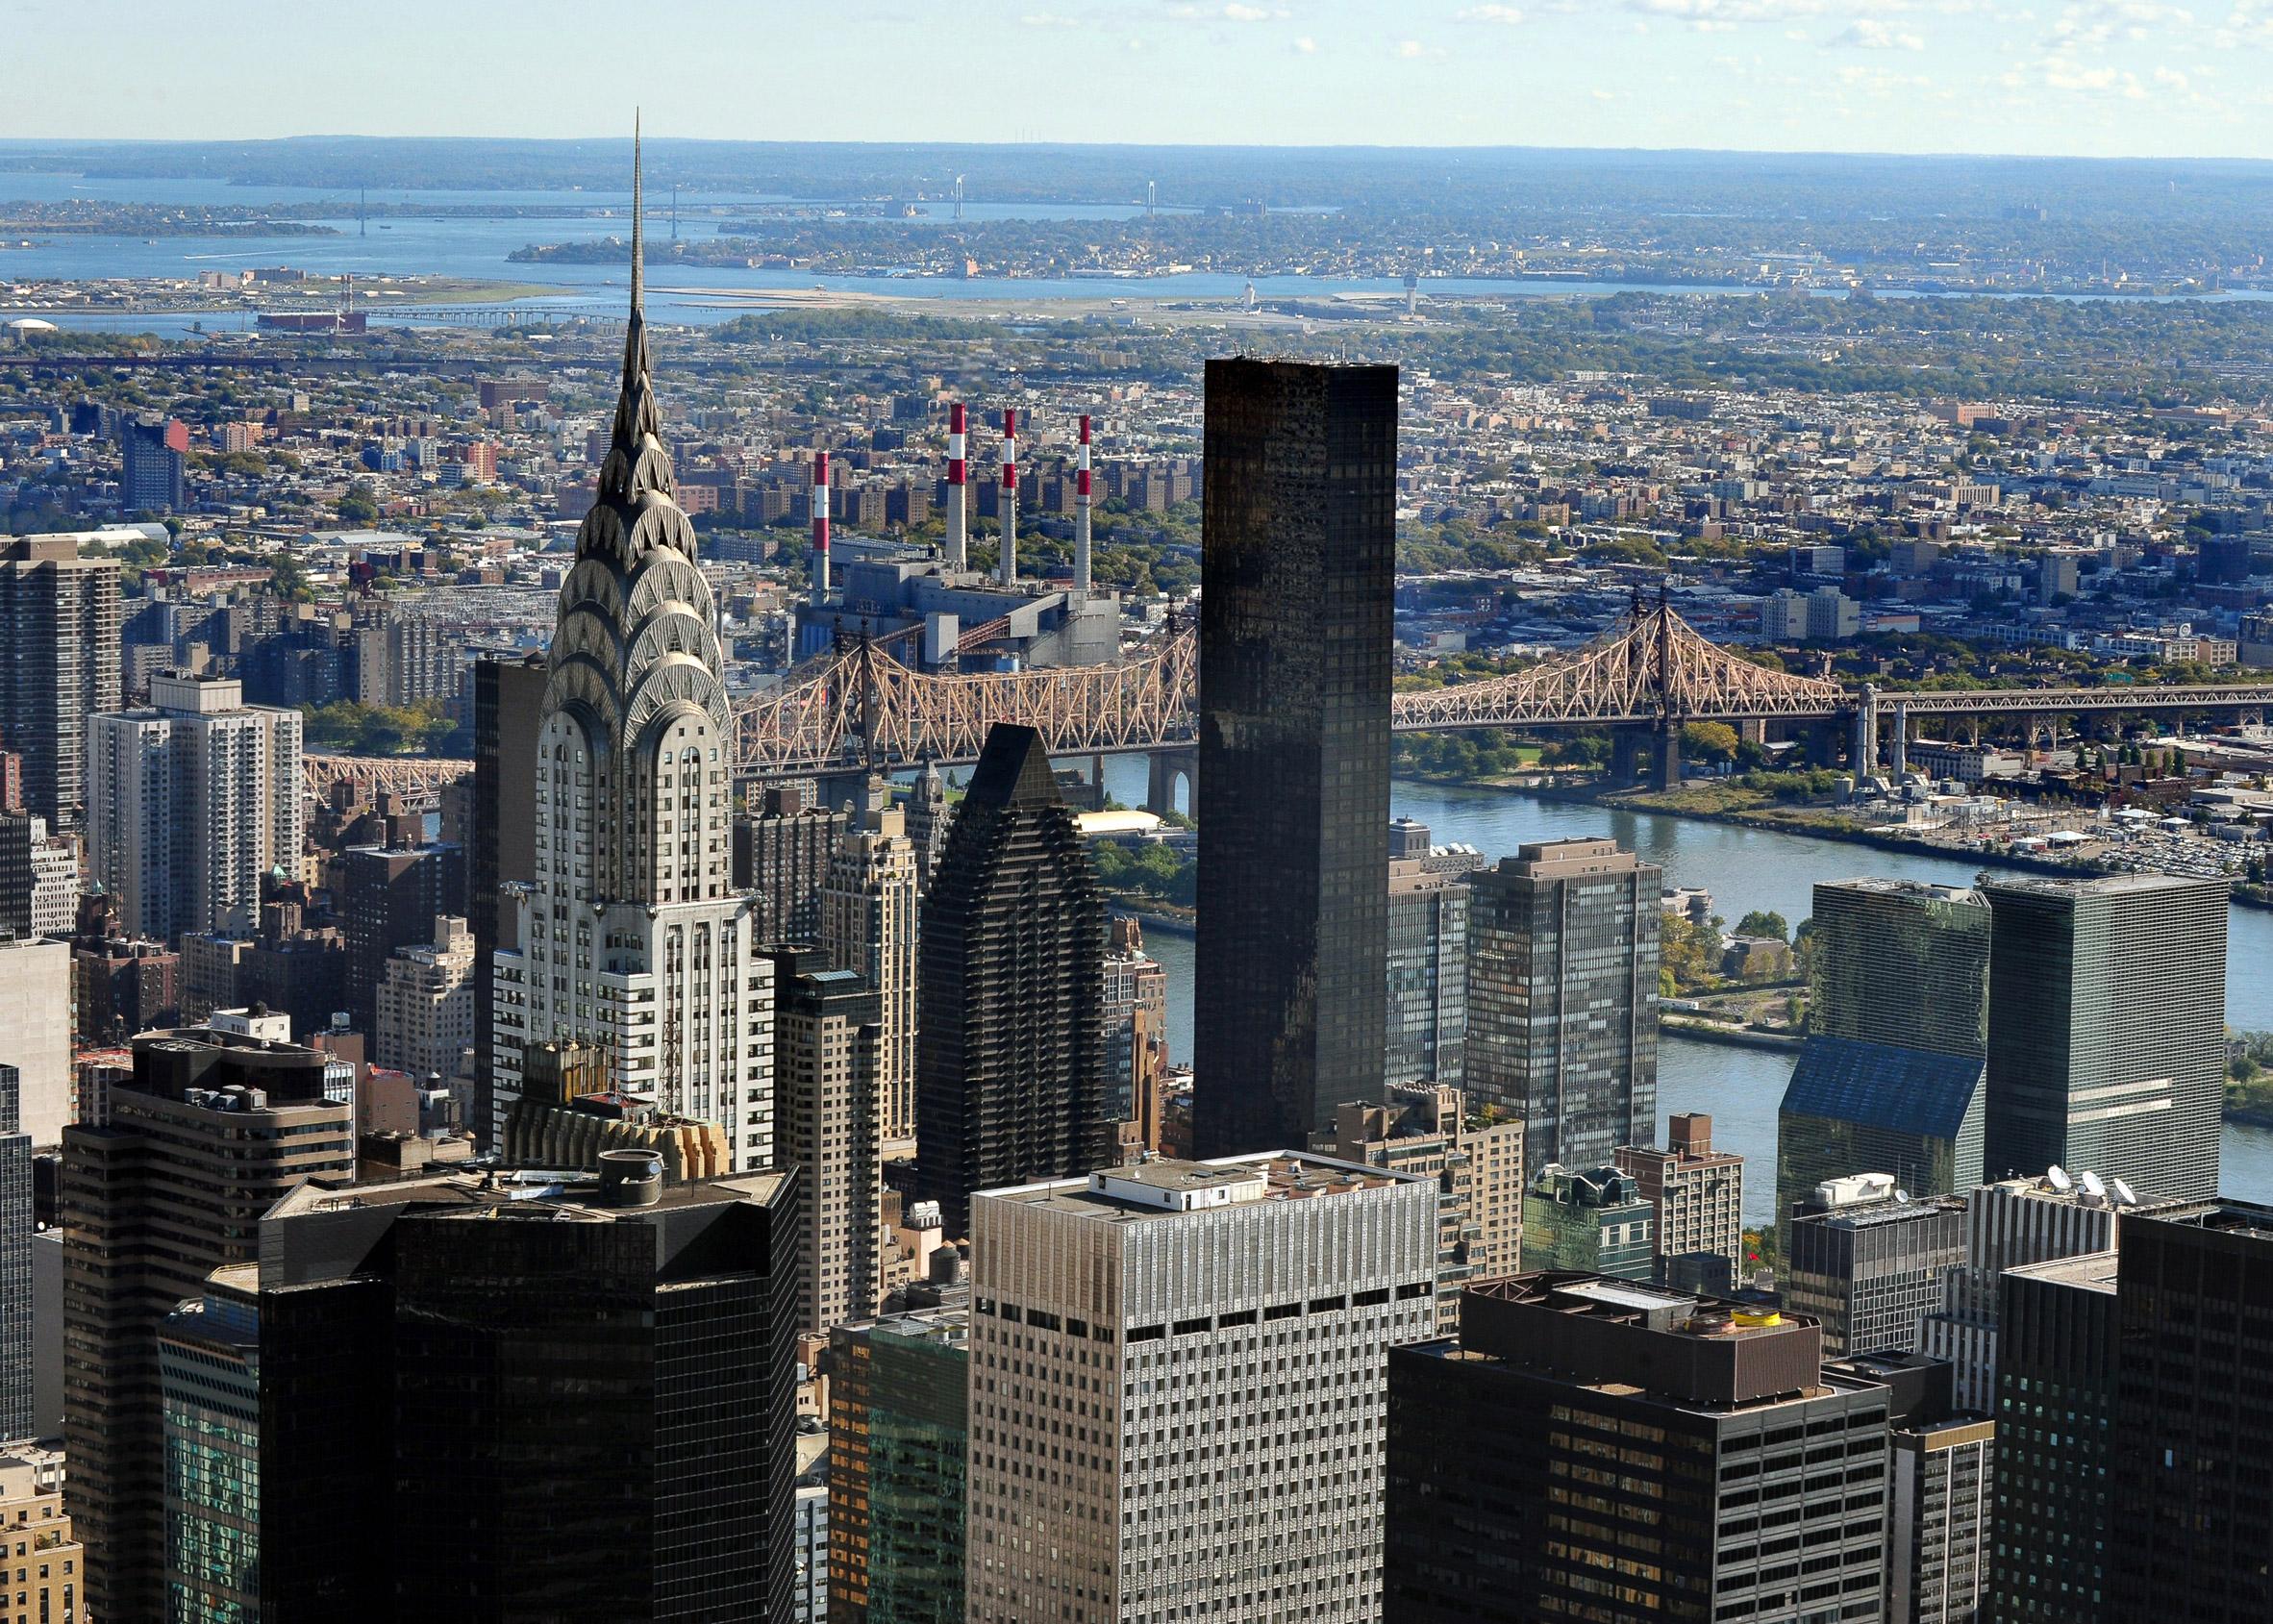 New Yorks Beloved Chrysler Building Is For Sale